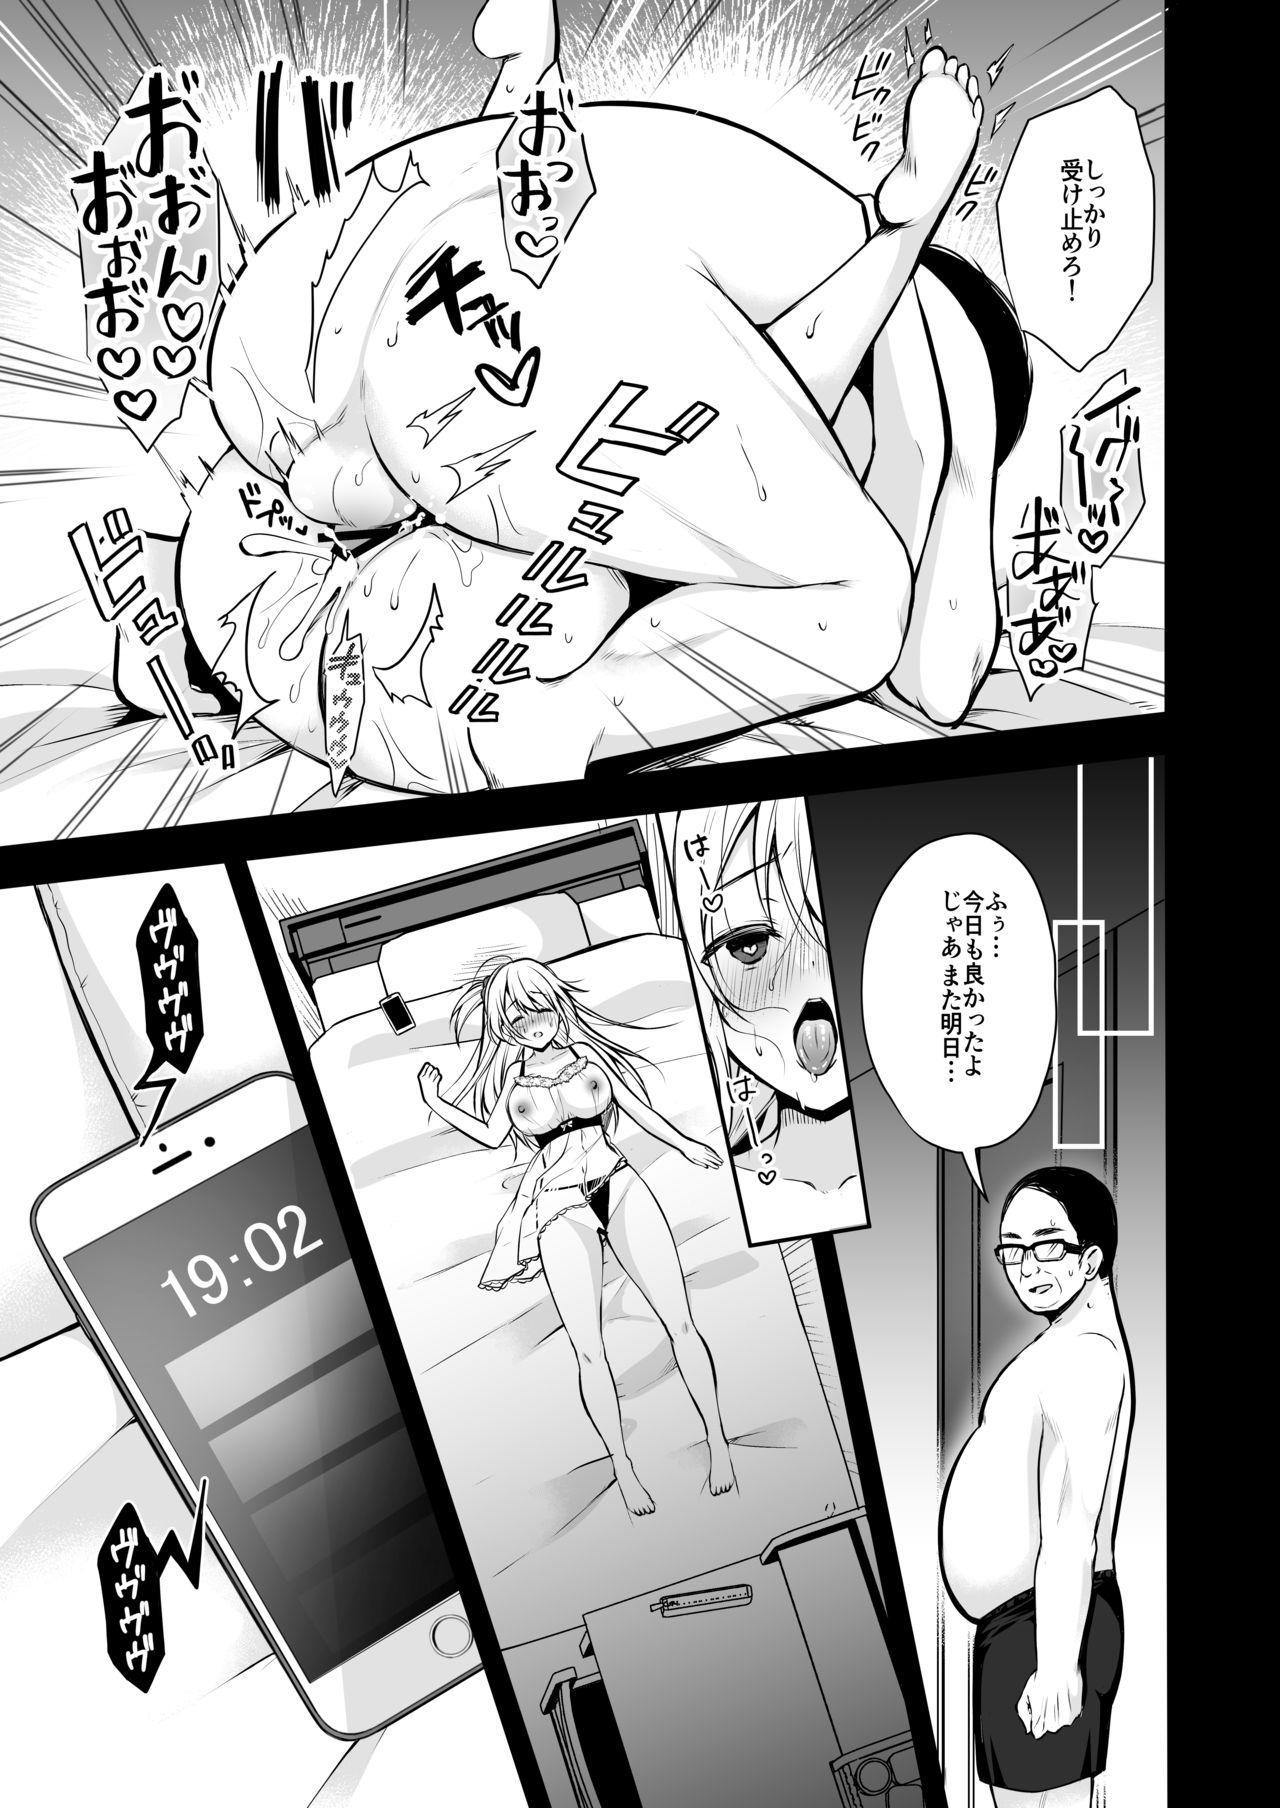 Himitsu 3 11